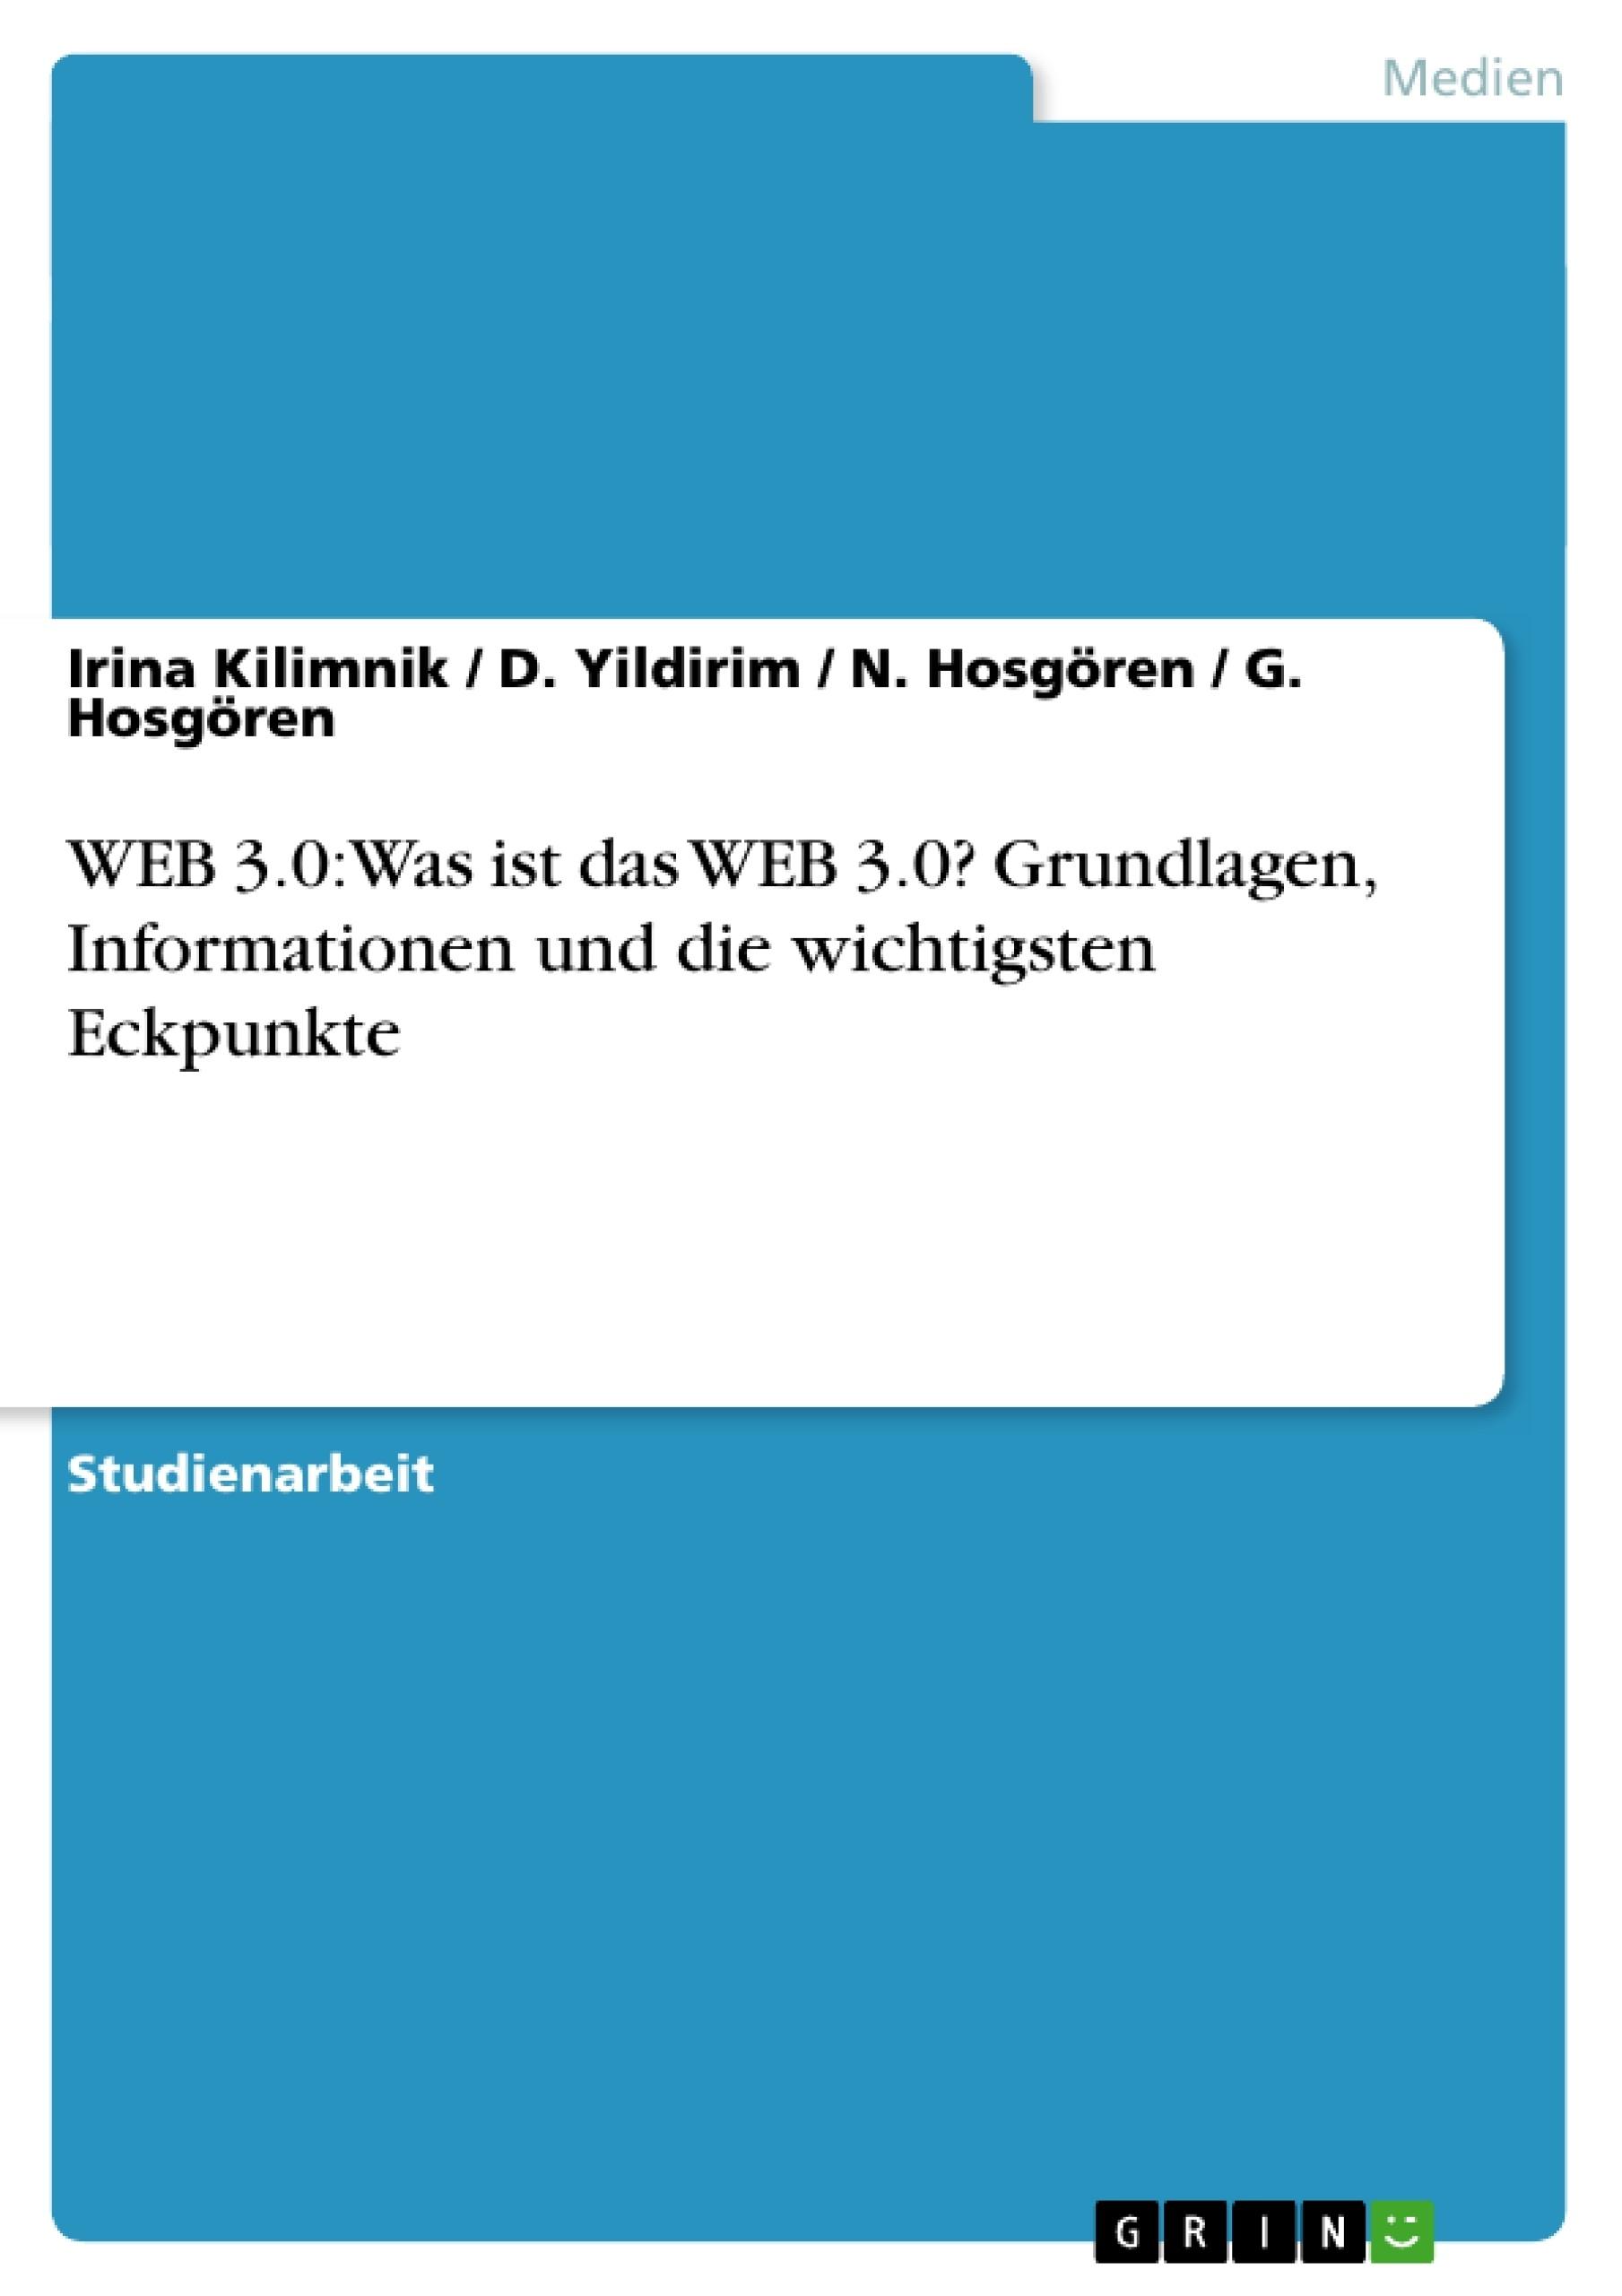 Titel: WEB 3.0: Was ist das WEB 3.0? Grundlagen, Informationen und die wichtigsten Eckpunkte